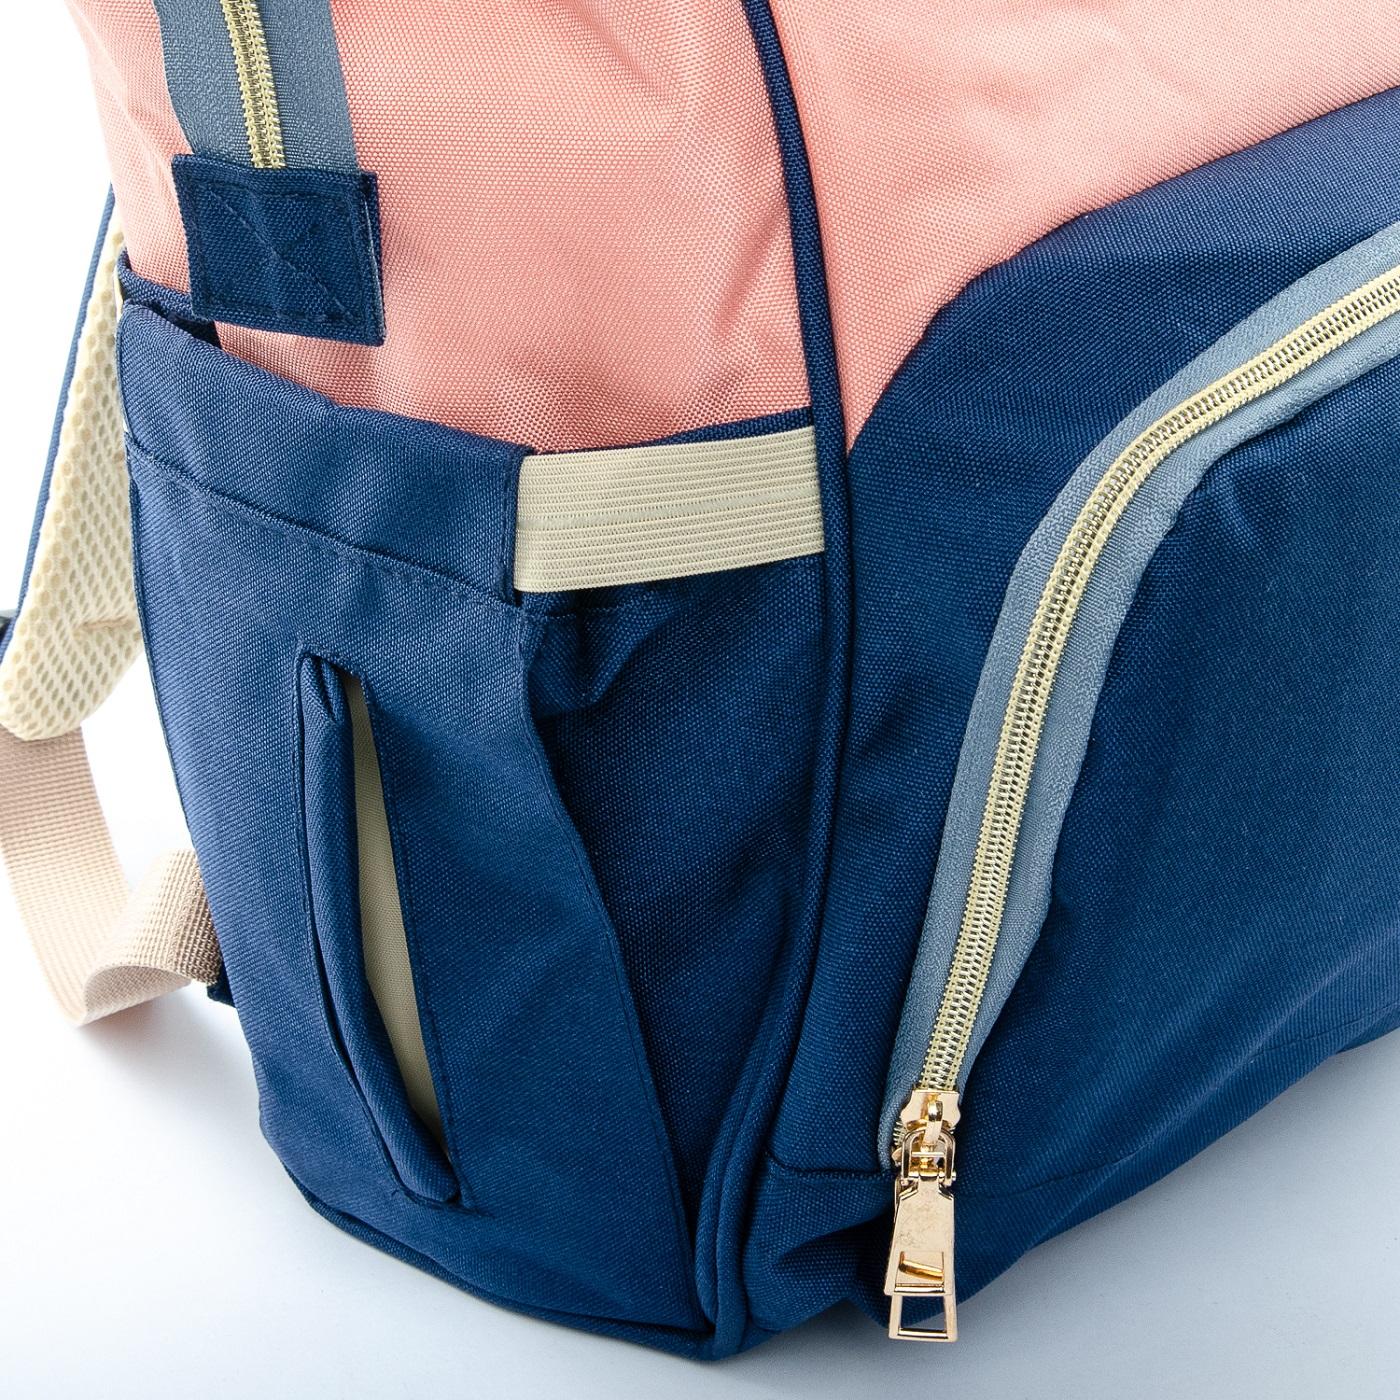 Сумка Женская Рюкзак нейлон Lanpad D900 blue rose - фото 5